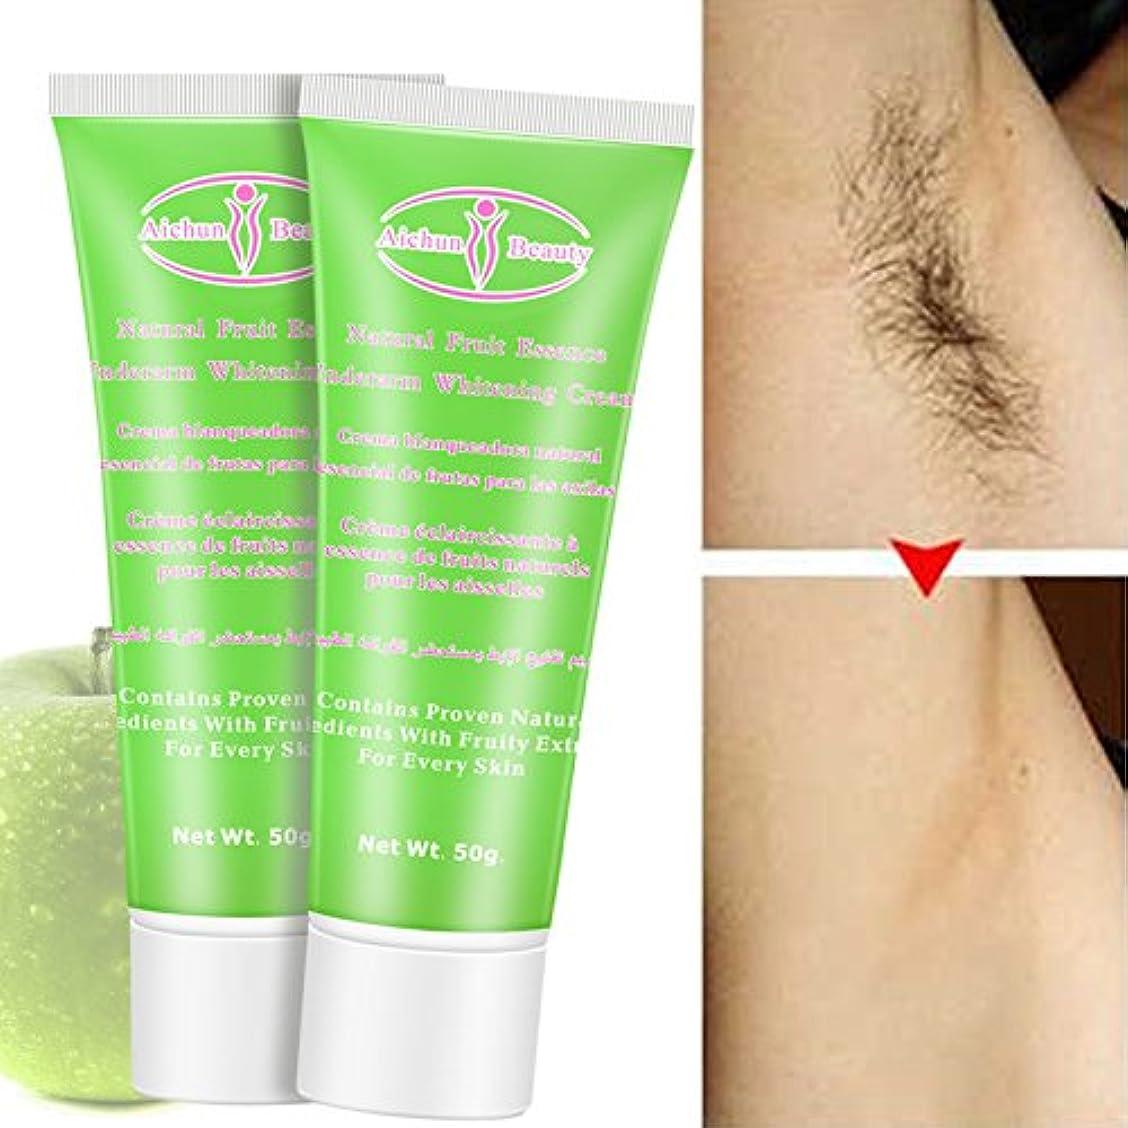 ブラインド似ている合併症Rabugoo 優しい成分保湿栄養白髪脱毛修復液クリーム